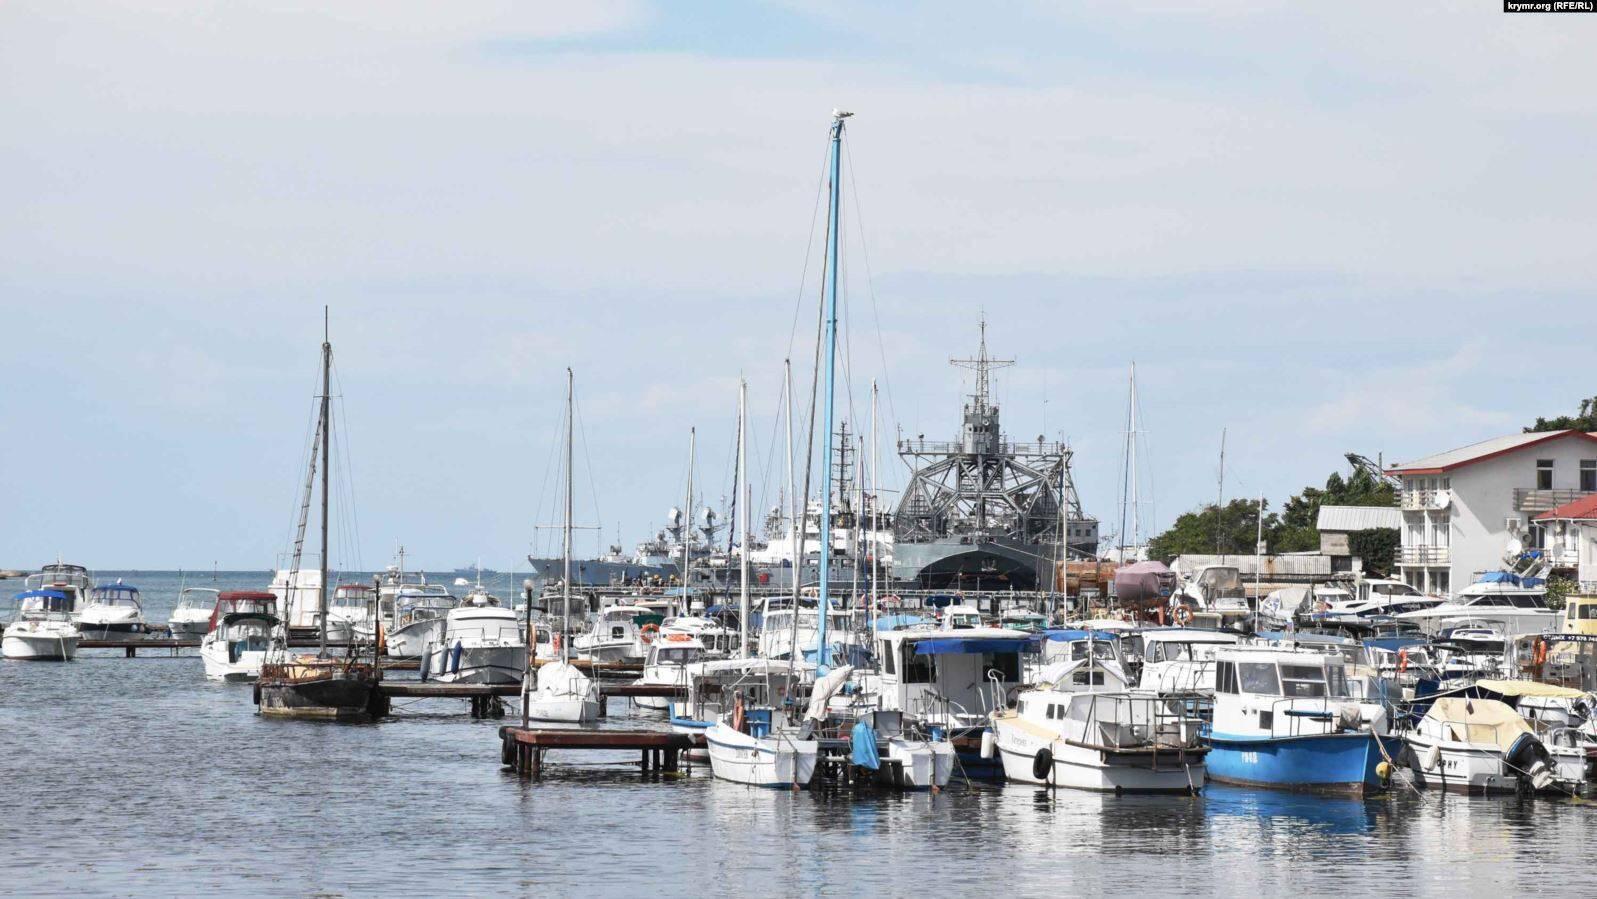 Стоянка яхт, яликов и рыбацких лодок